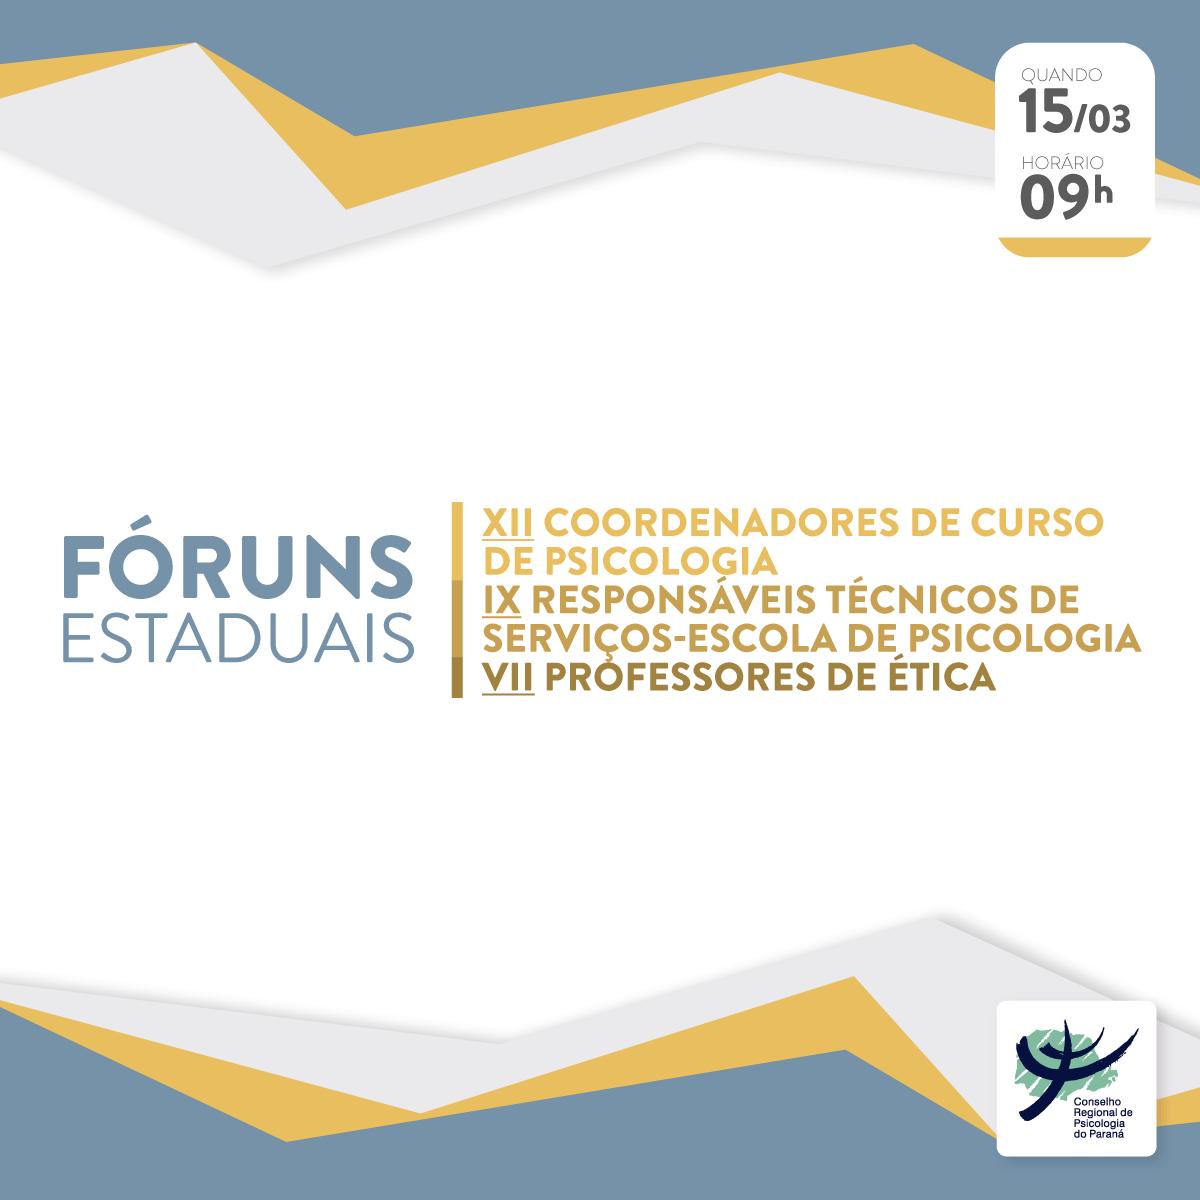 VII Fórum de Professores de Ética, IX Fórum de Responsáveis Técnicos de Serviços-Escolas de Psicologia, XII Fórum de Coordenadores(as) de Cursos de Psicologia